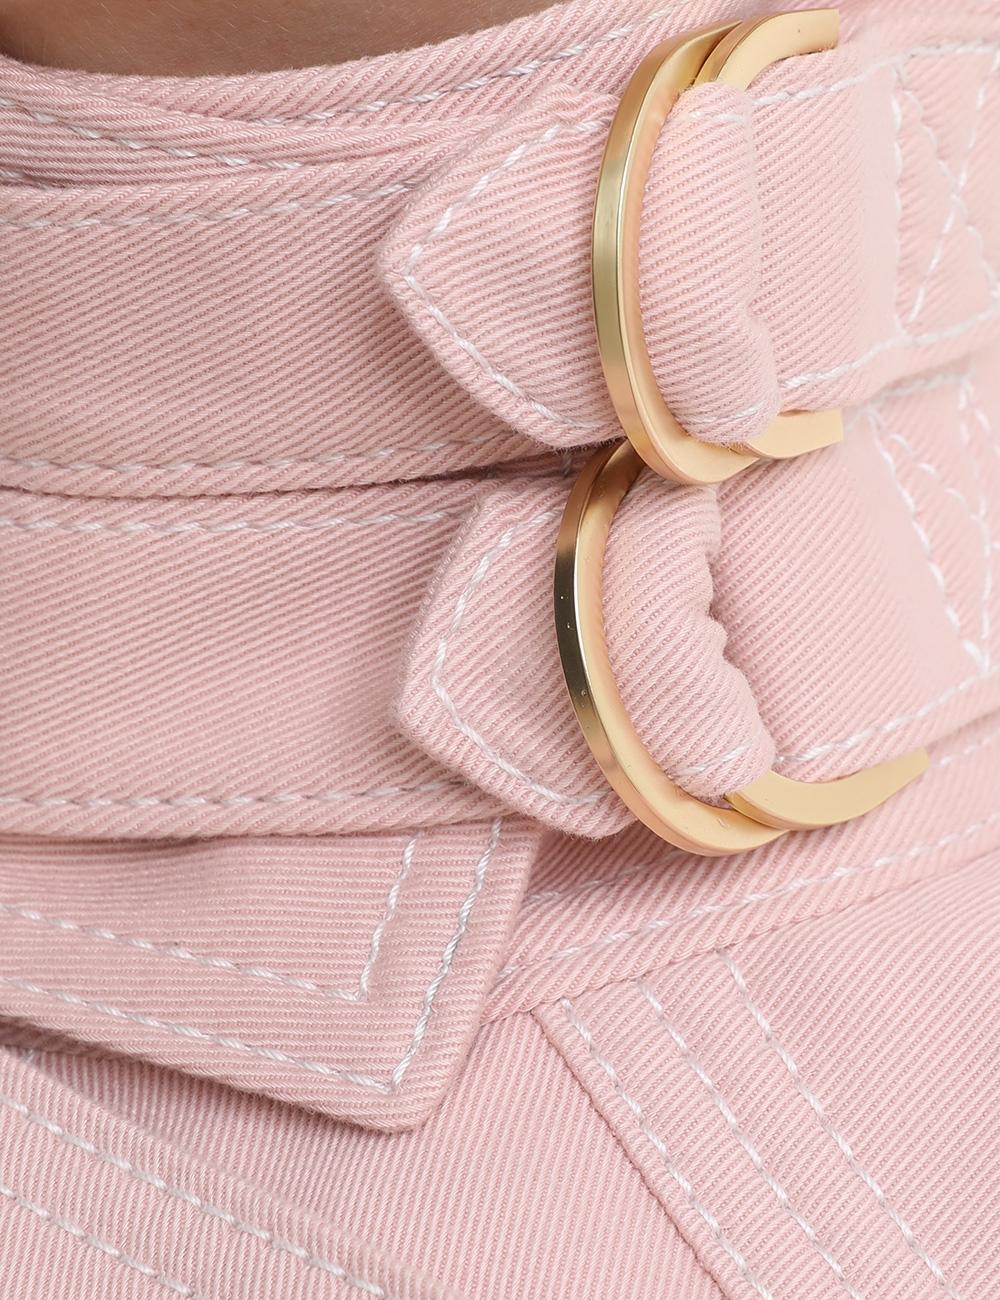 Wavelength Oversize Jacket